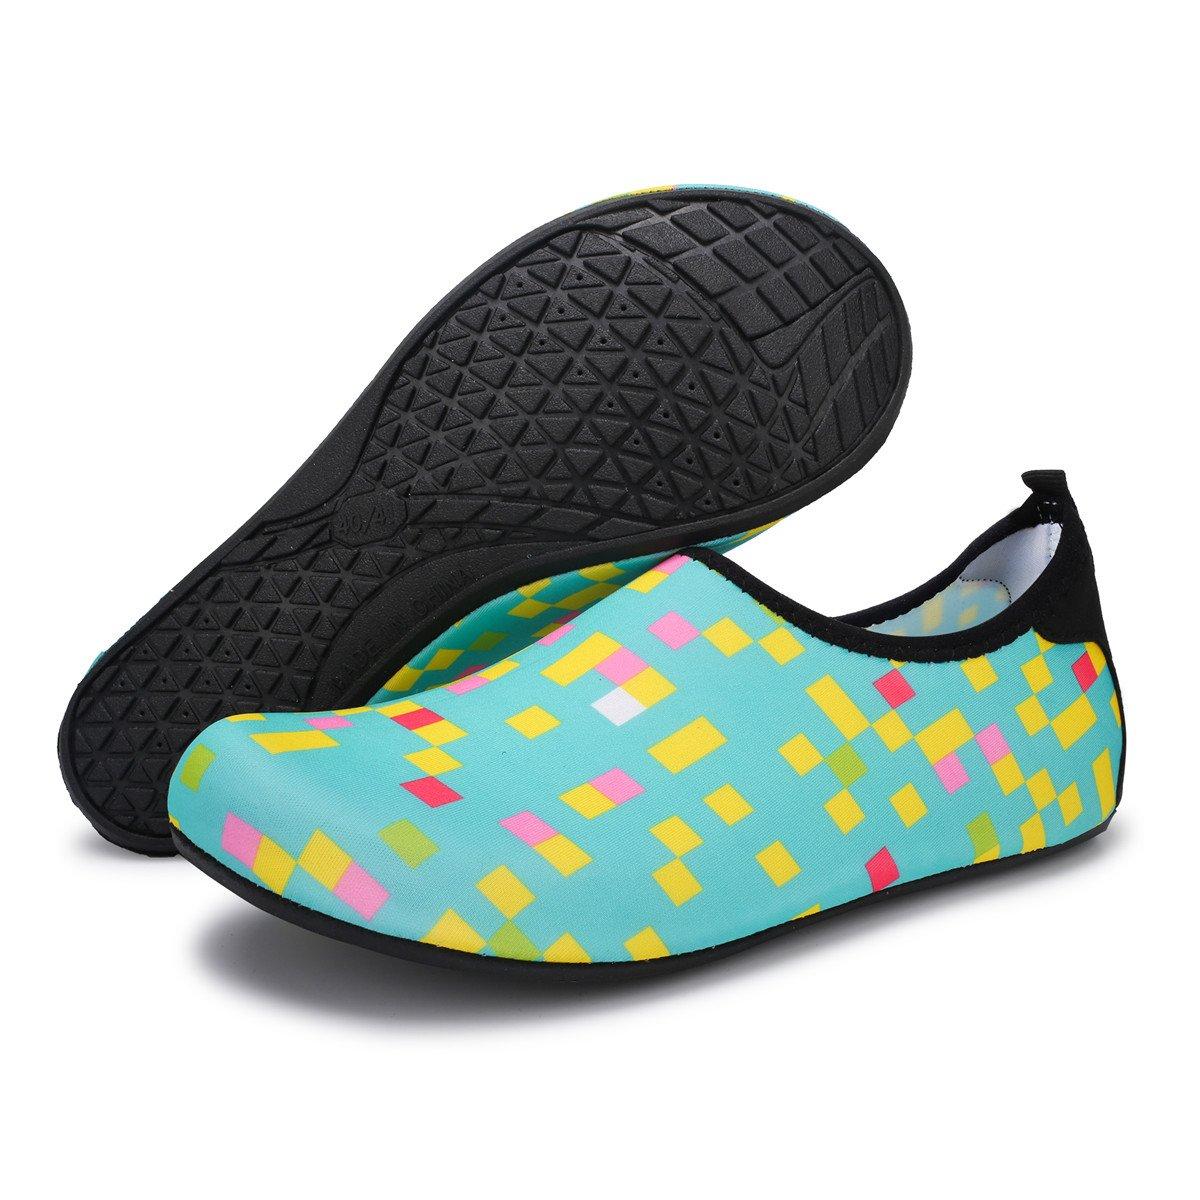 FEETCITY Hombres Zapatos de agua Zapatos de natación para mujeres de secado  rápido Descalzo Beach Surf Boat Yoga Sneakers Plaid Green bb4a93c19a8